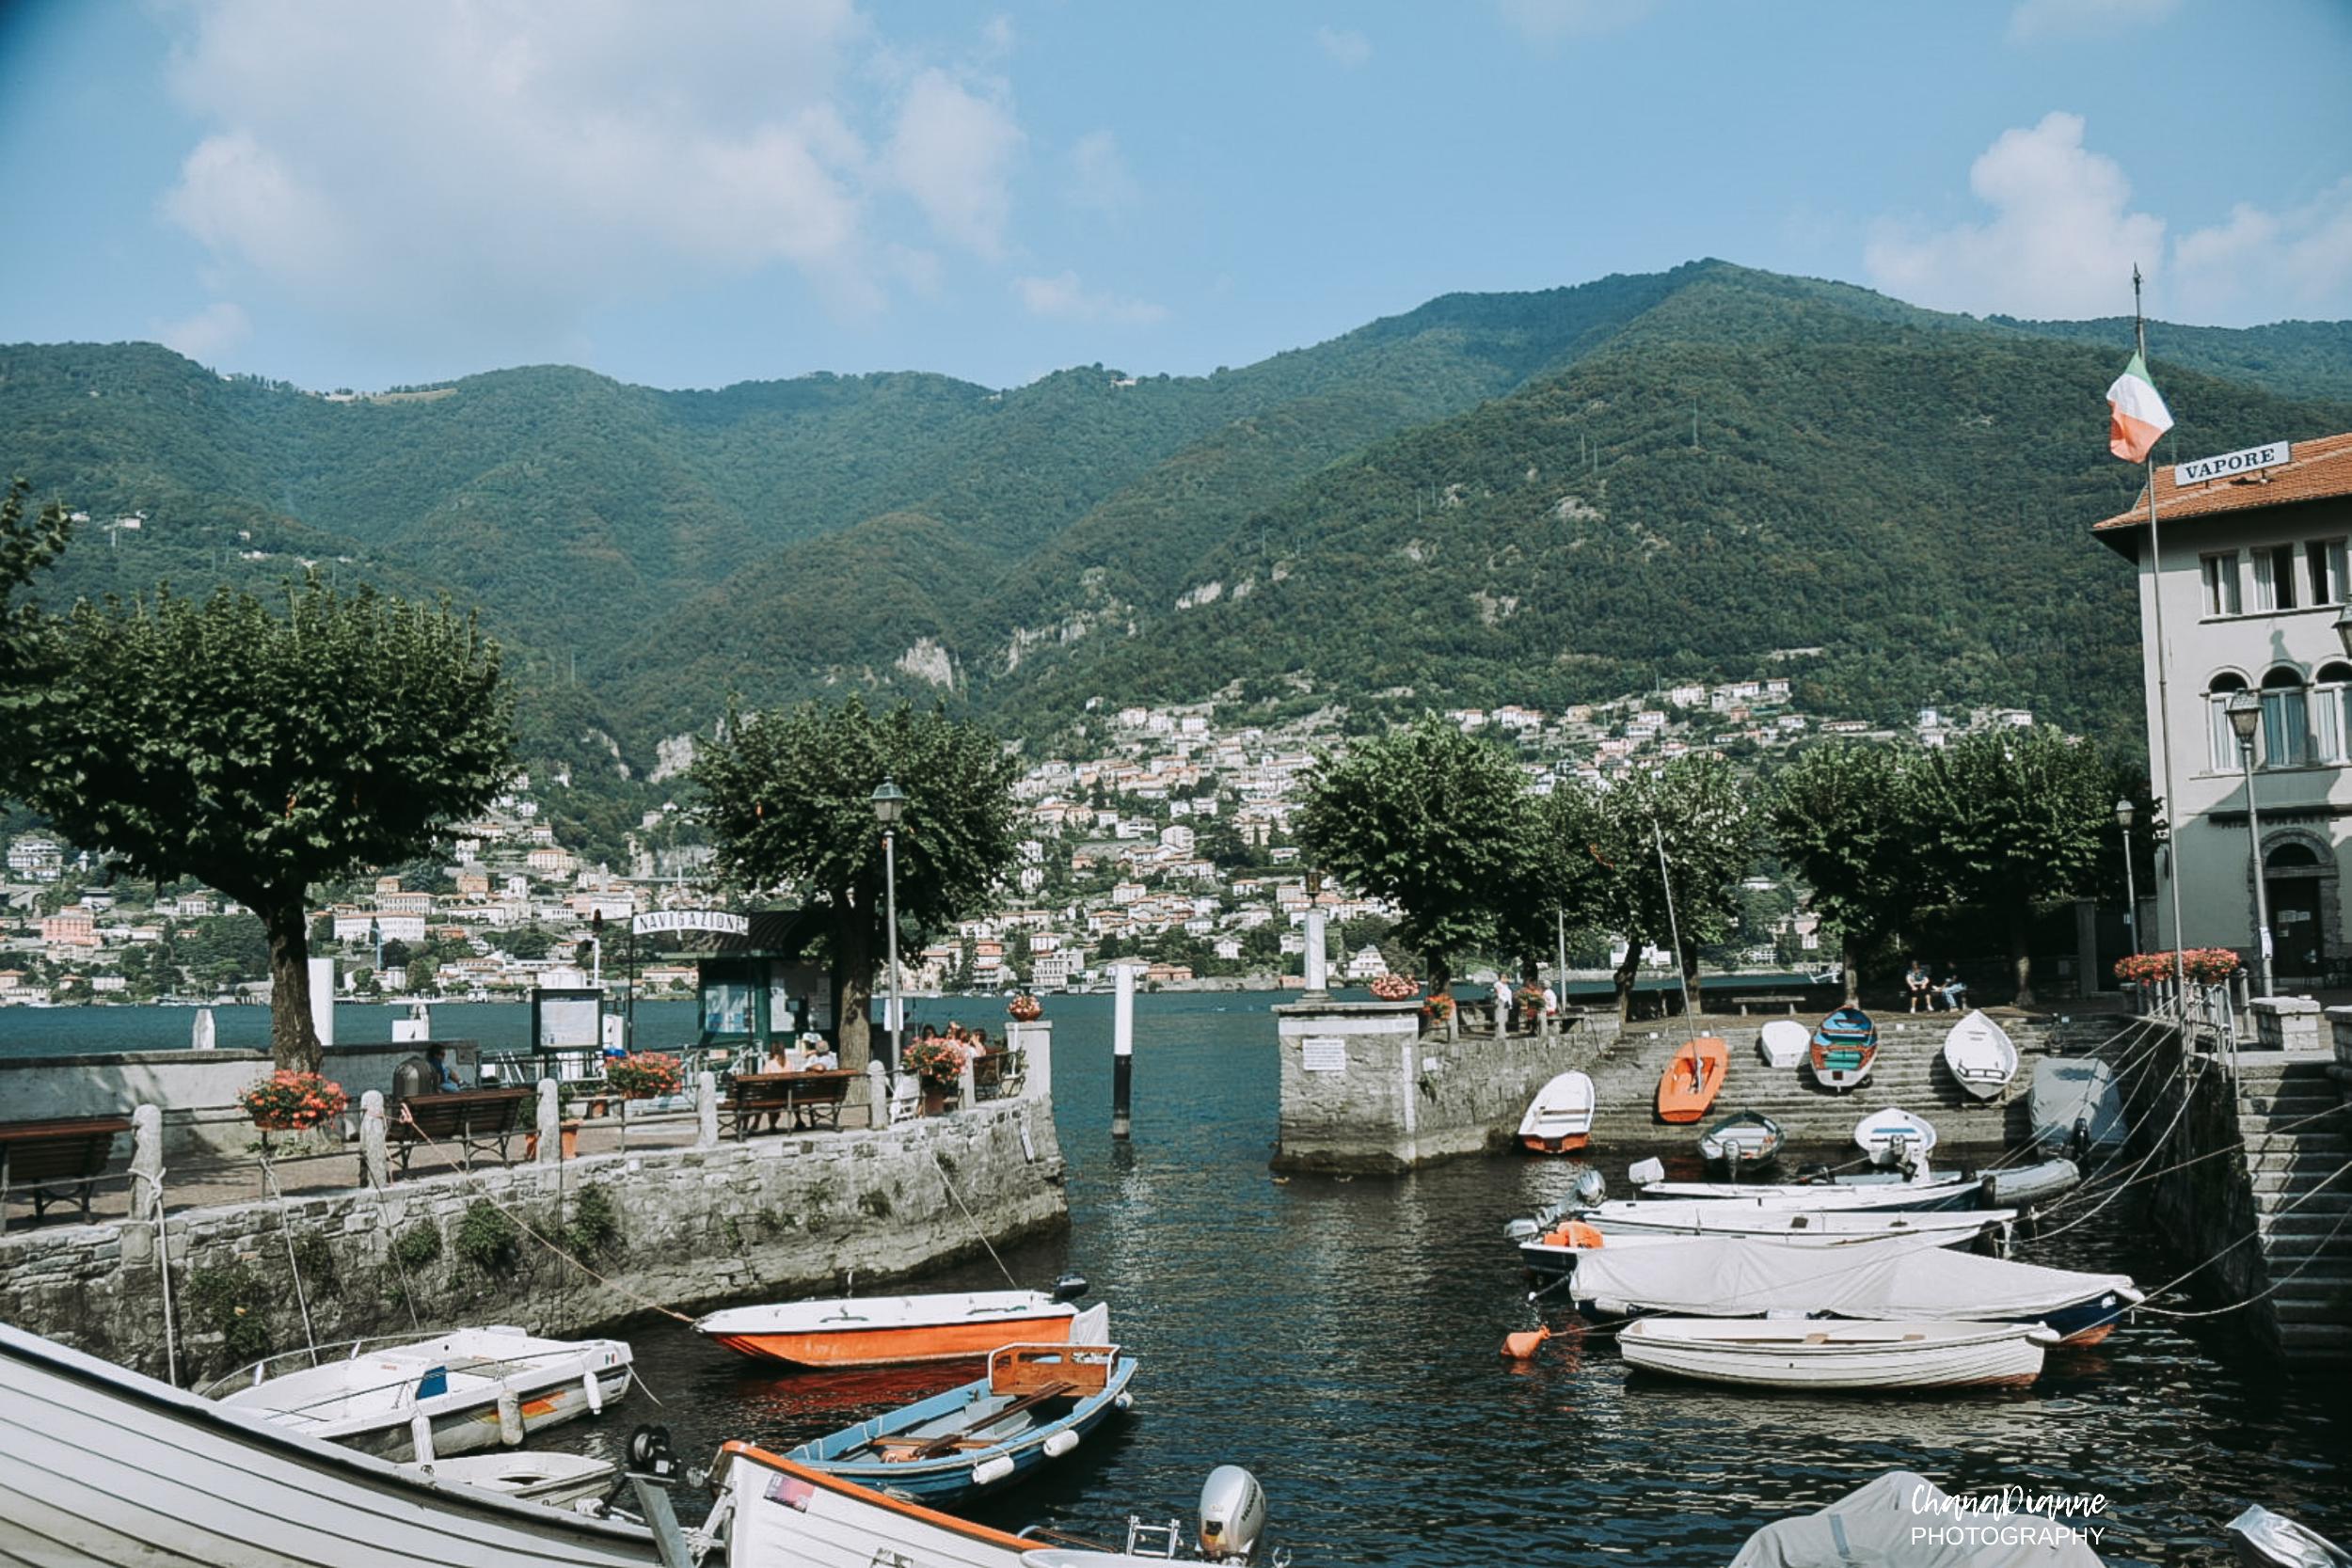 Boat access in Torno.